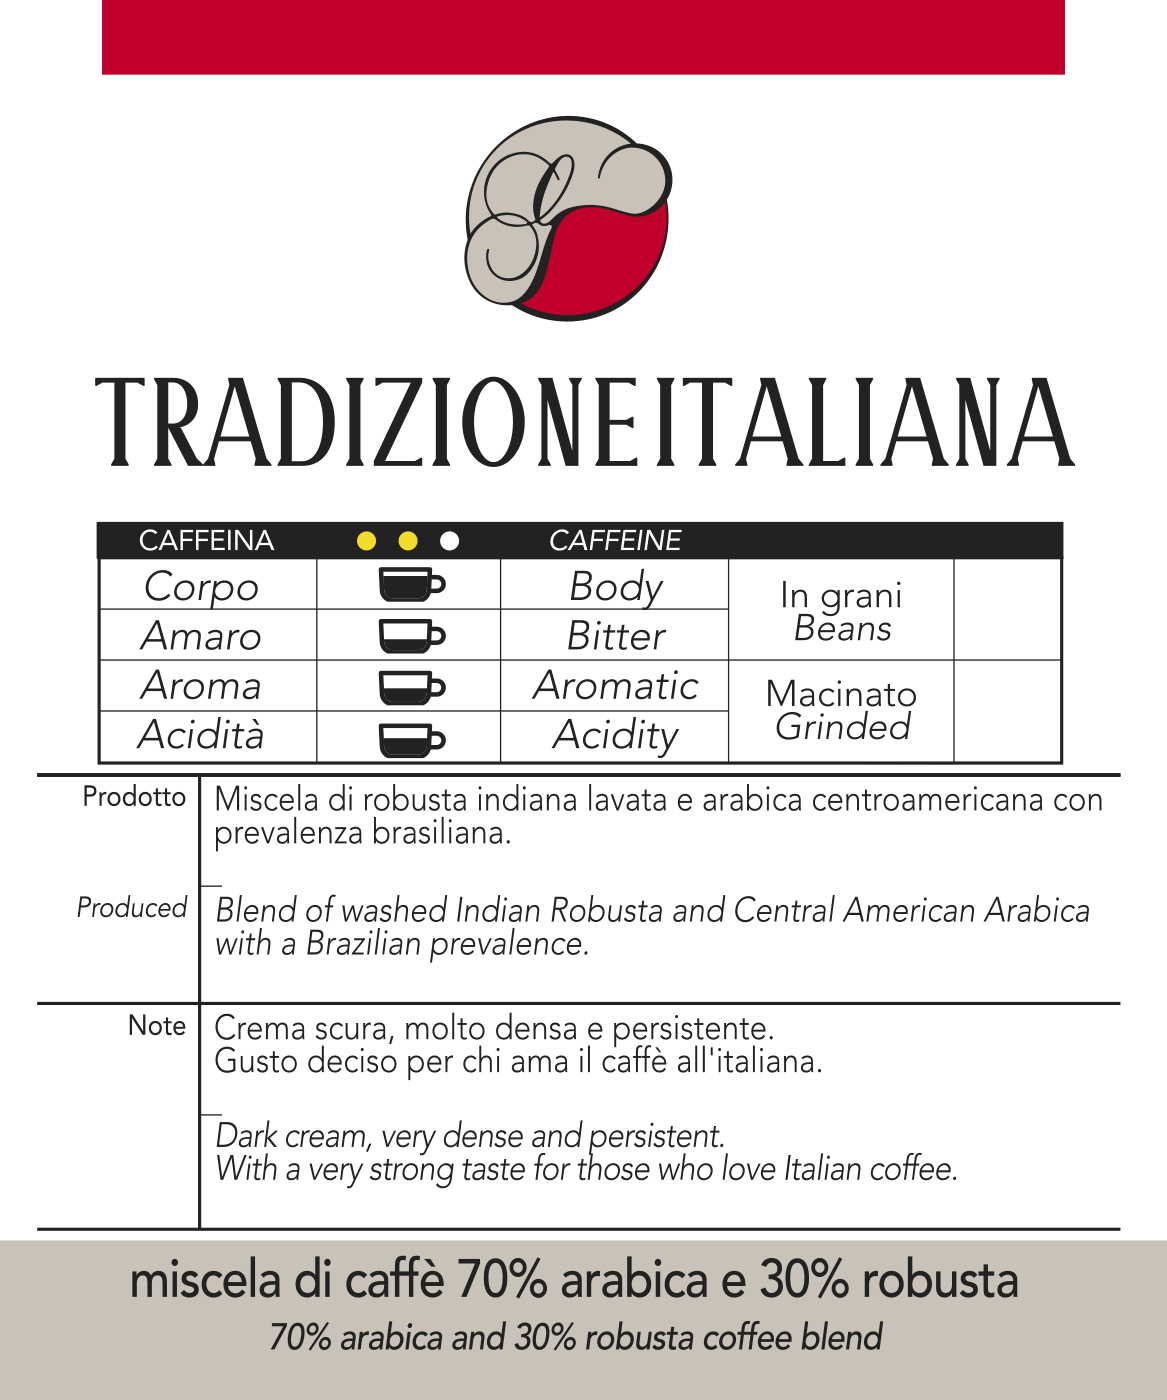 Miscela di Caffè in cialde Tradizione Italiana, confezione da n. 100 cialde in carta ese 44 mm